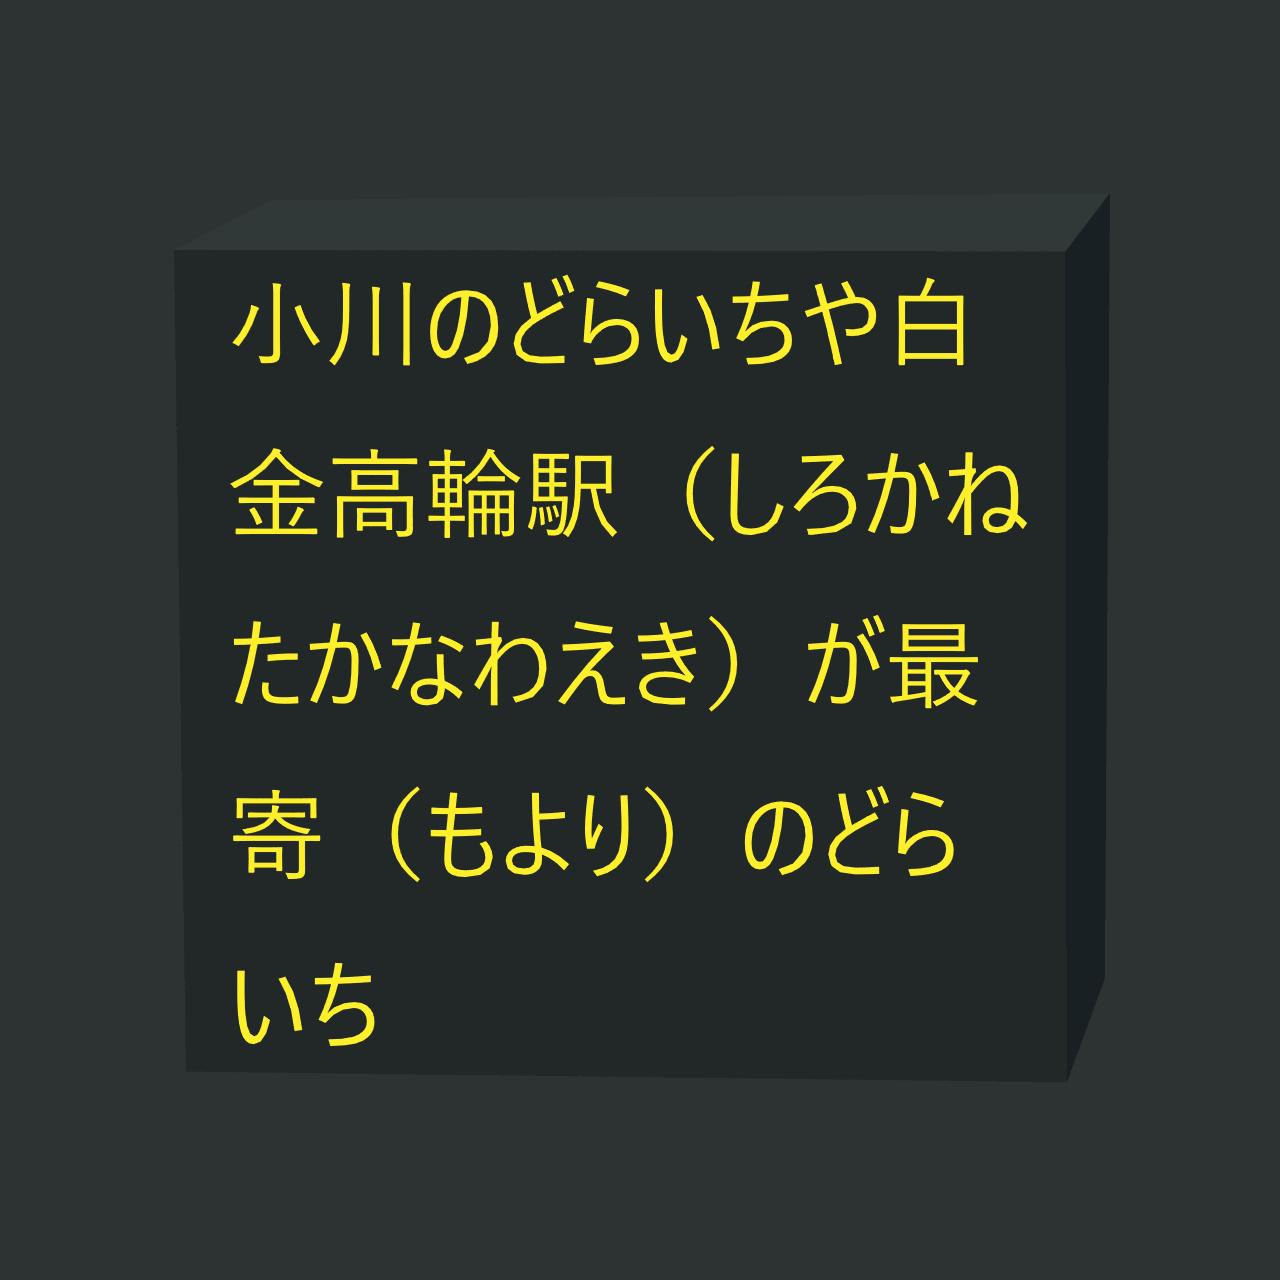 小川のどらいちや白金高輪駅(しろかねたかなわえき)が最寄(もより)のどらいちの通販(つうはん)とは?にかかる画像(がぞう)